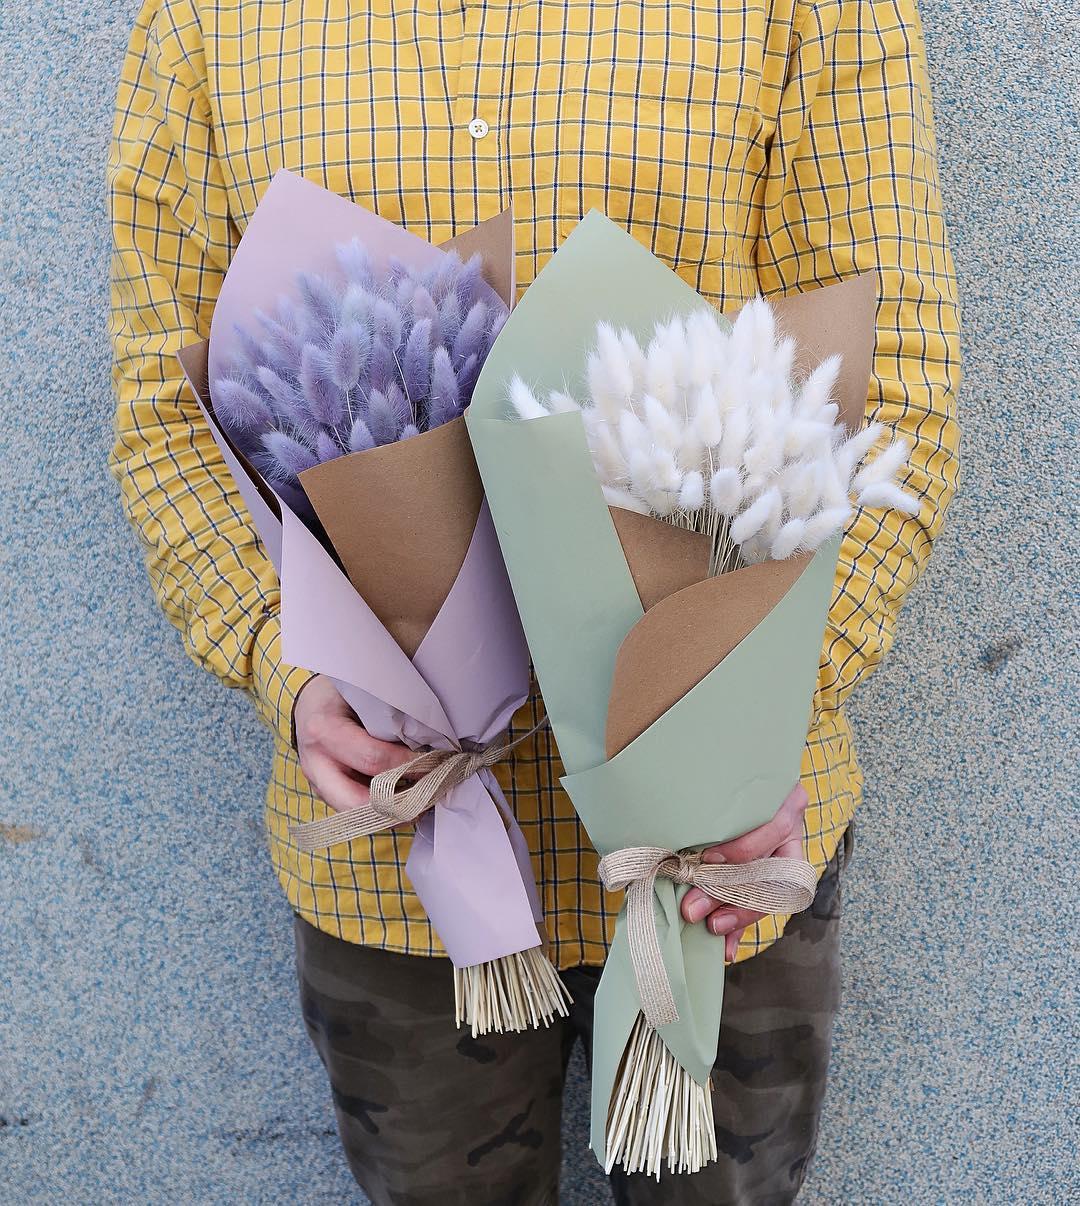 Заказ и доставка сухоцветов в Ростове-на-Дону